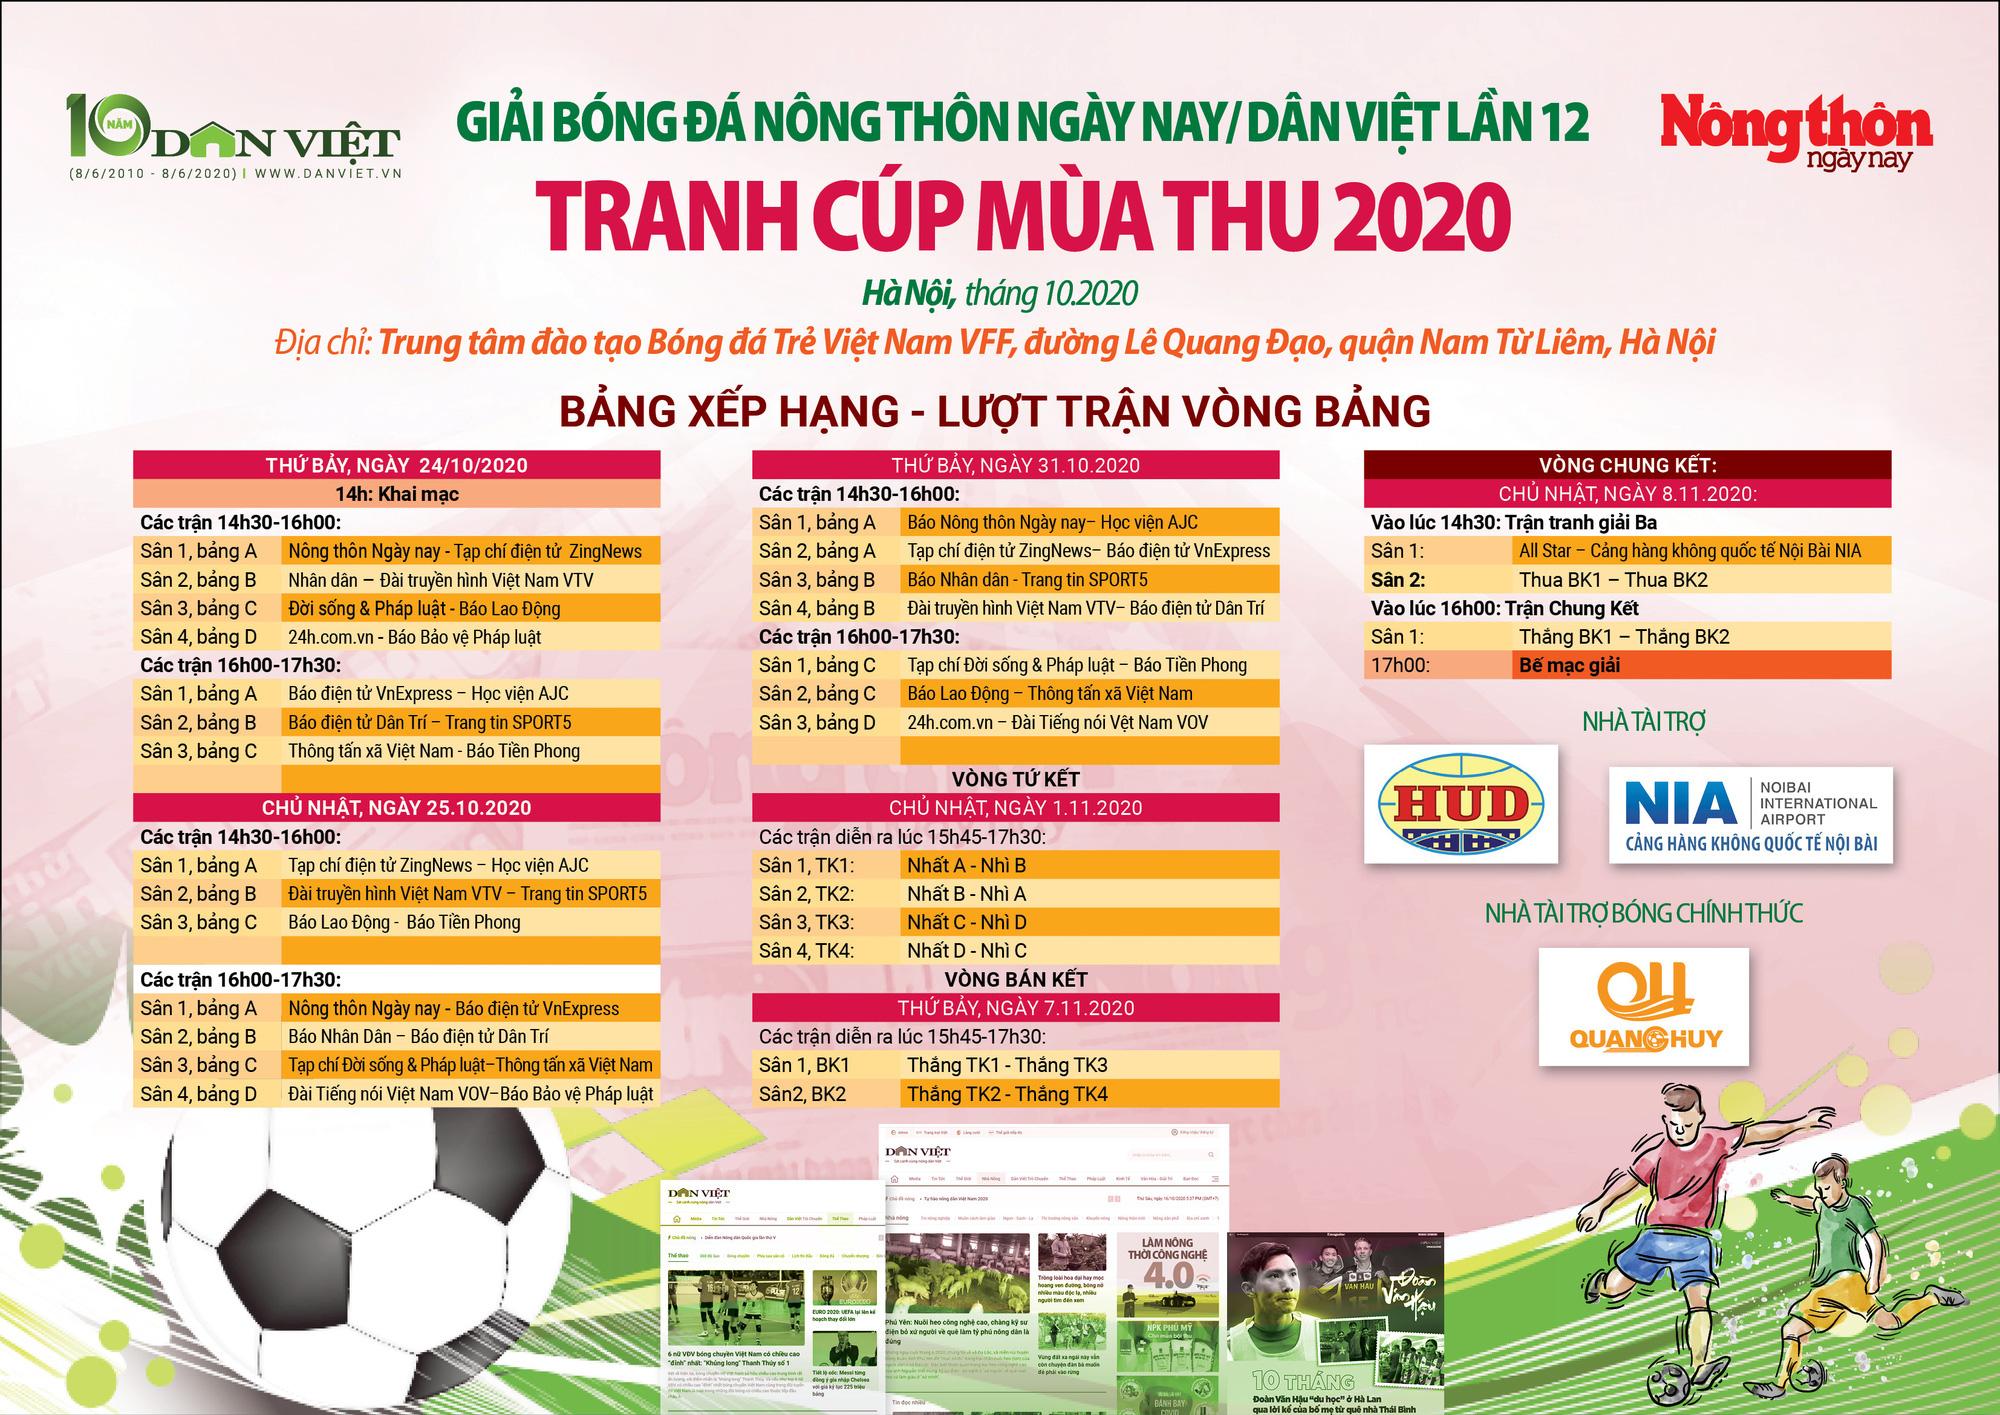 """Đội trưởng Hà Nội FC Nguyễn Văn Quyết: """"Giải bóng đá báo NTNN/Dân Việt lan tỏa tinh thần thể thao"""" - Ảnh 4."""